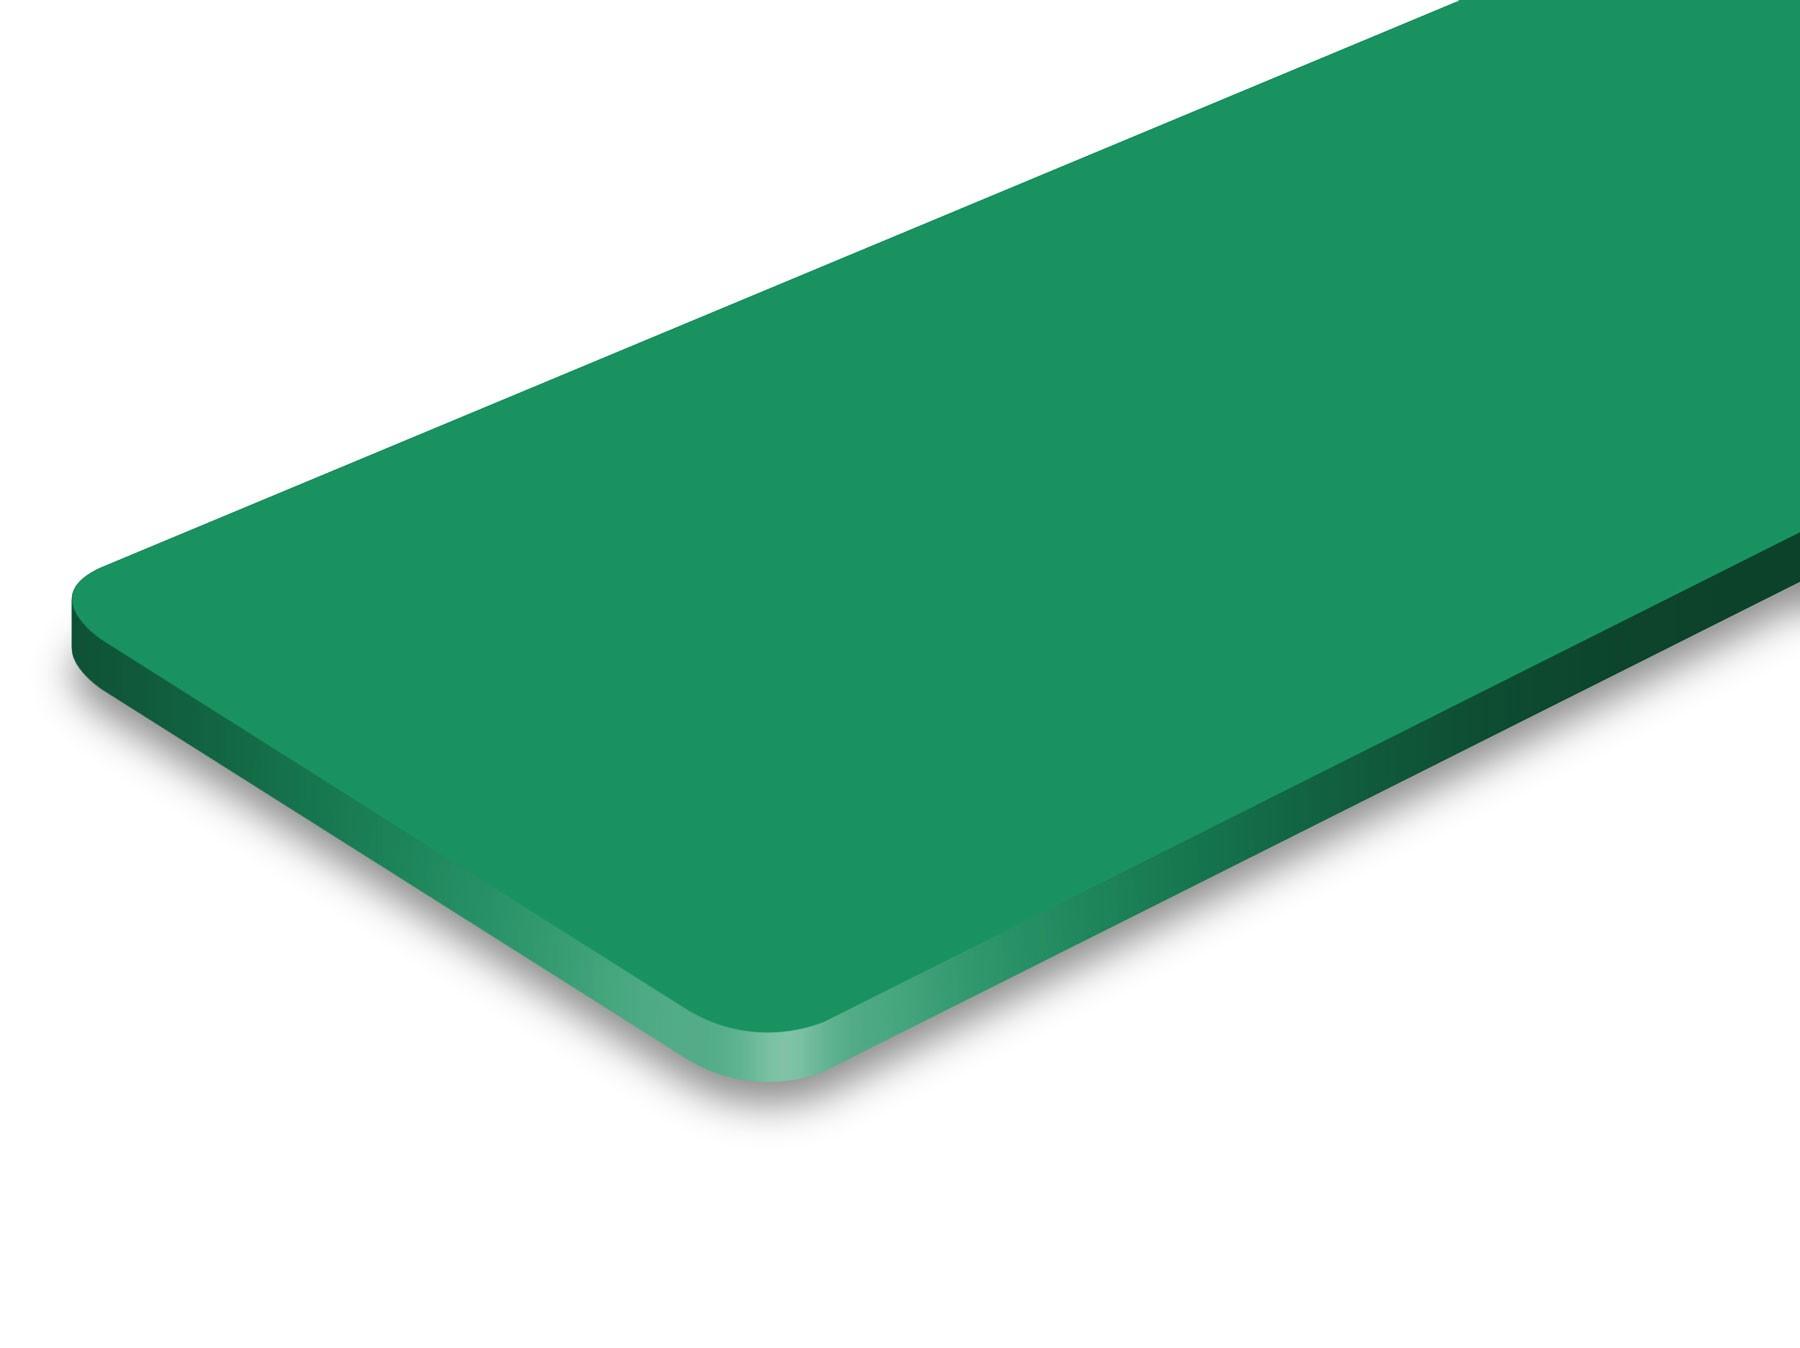 Verde Claro 1,6mm